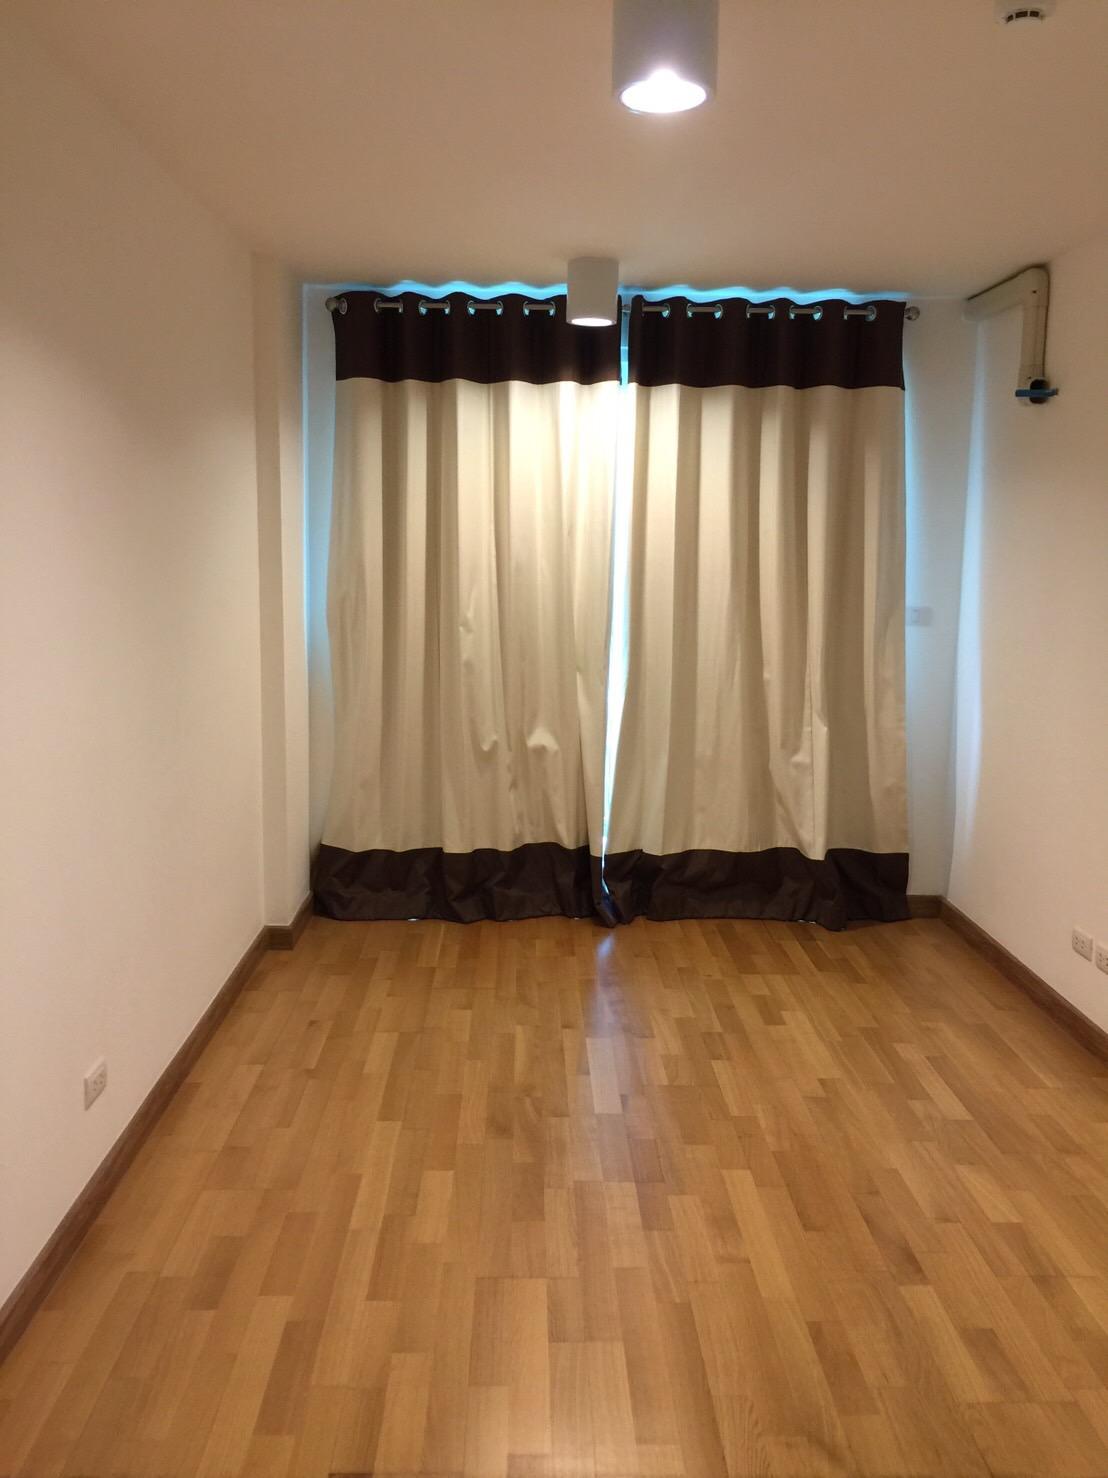 ประกาศขาย คอนโด Bangkok Feliz Vibhavadi 30 ใกล้ MRT พหลโยธิน 2 ห้องนอน 47 ตร.ม. เฟอร์ฯครบ